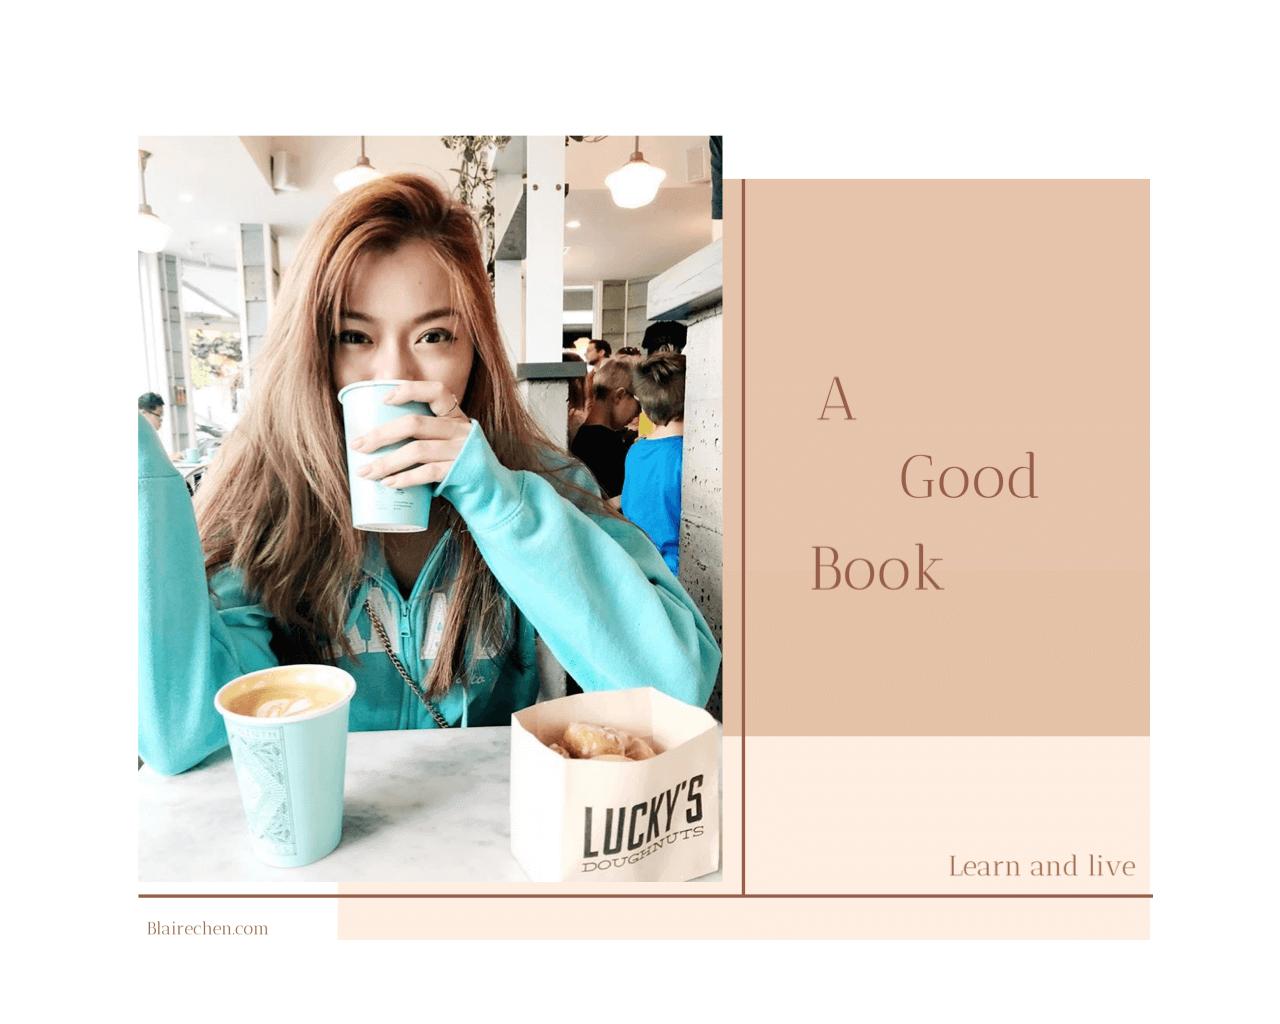 【關於好書推薦】|Blaire好書推薦,閱讀好書,先準備好自己,才能遇上相同頻率的人。